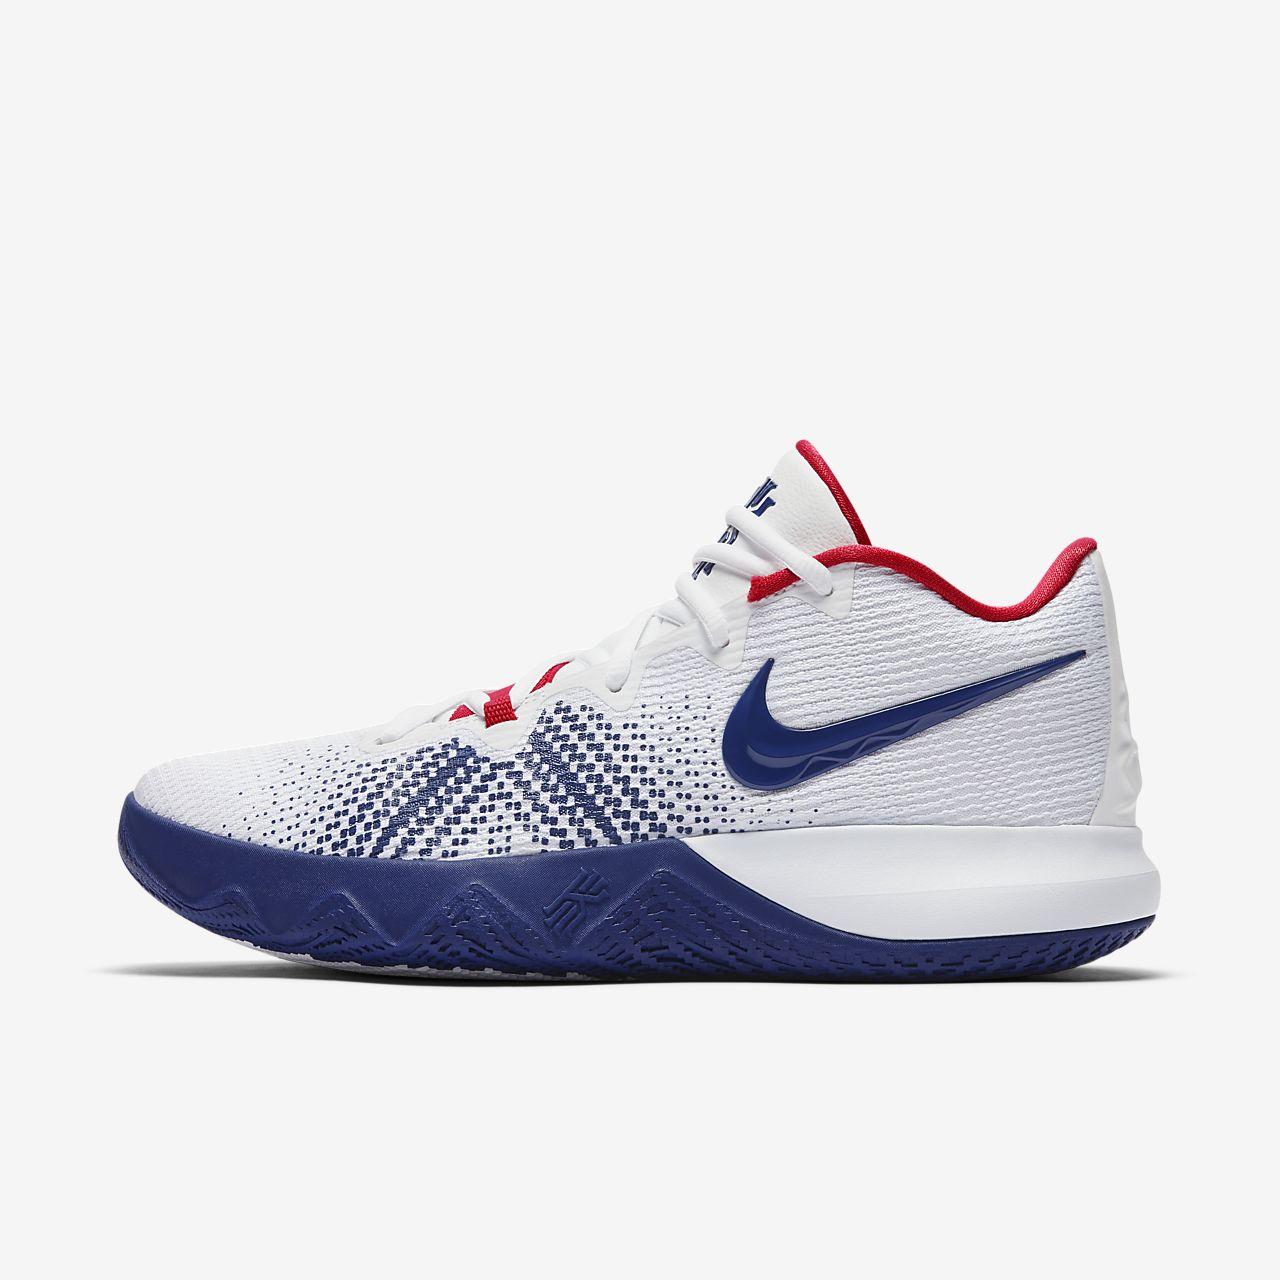 Баскетбольные кроссовки Kyrie Flytrap